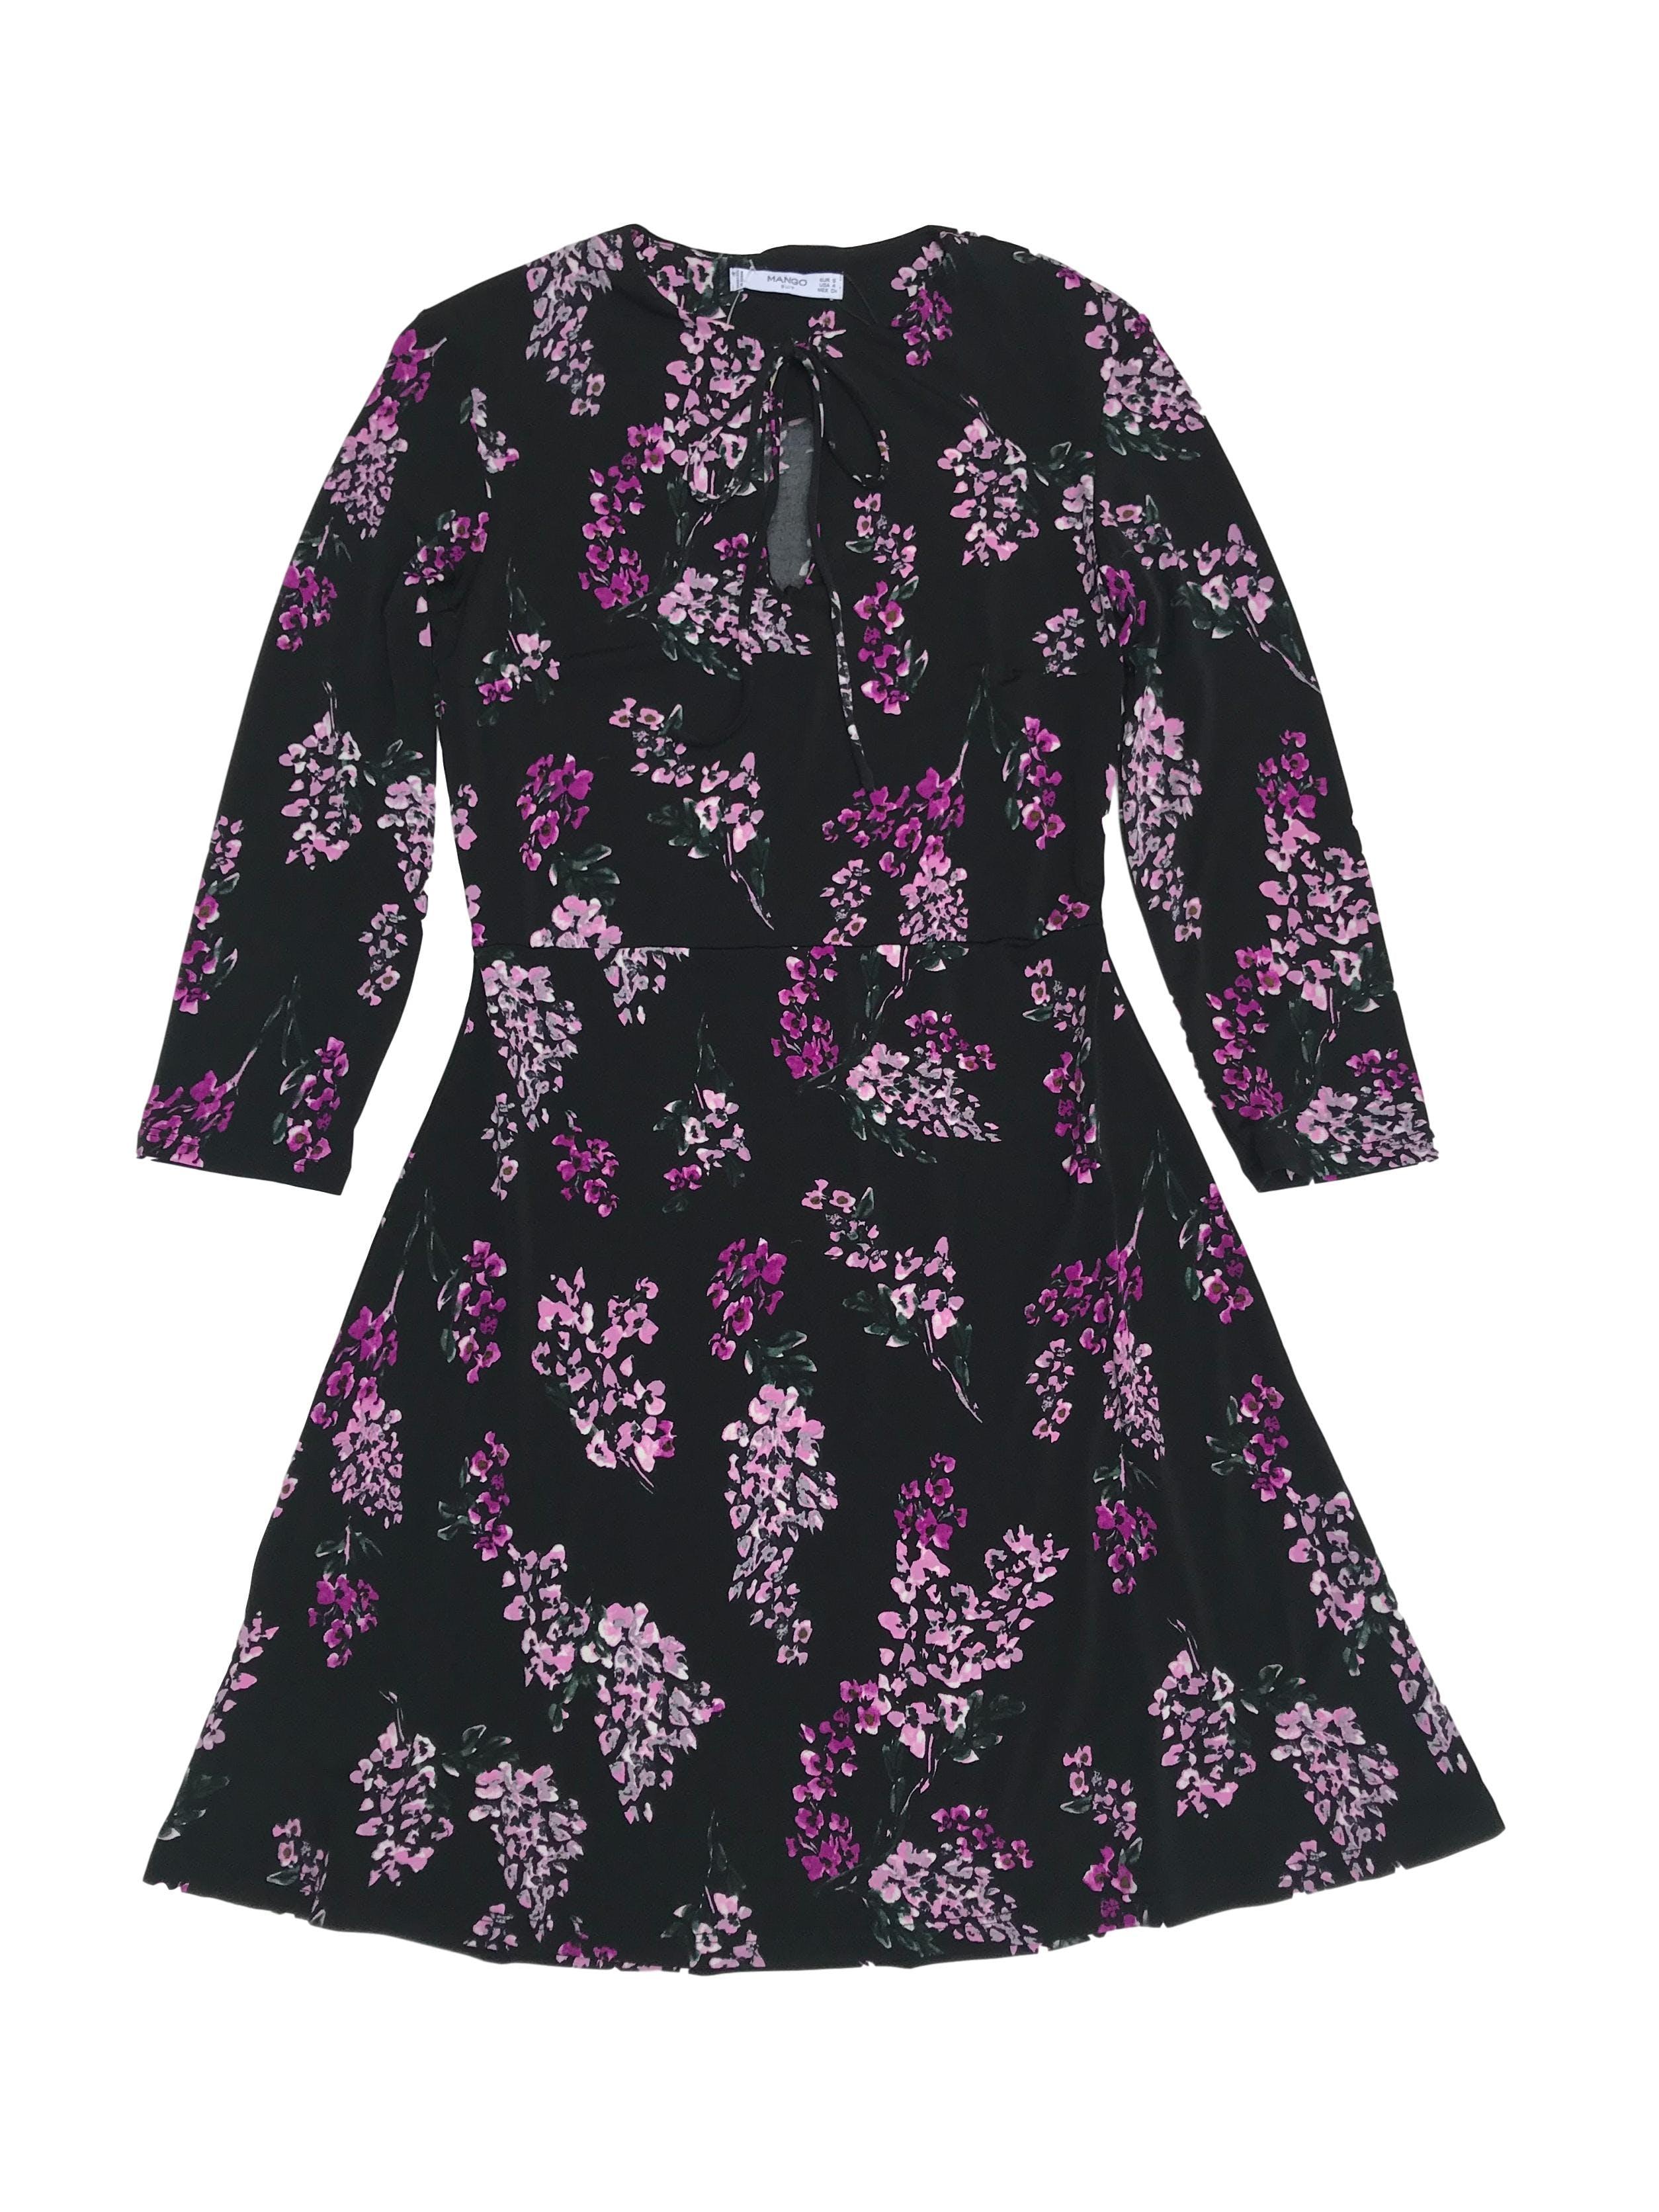 Vestido Mango negro con estampado de flores moradas, tela stretch, se amarra en el cuello, manga 3/4. Largo 85cm. Nuevo con etiqueta. Precio original S/ 129